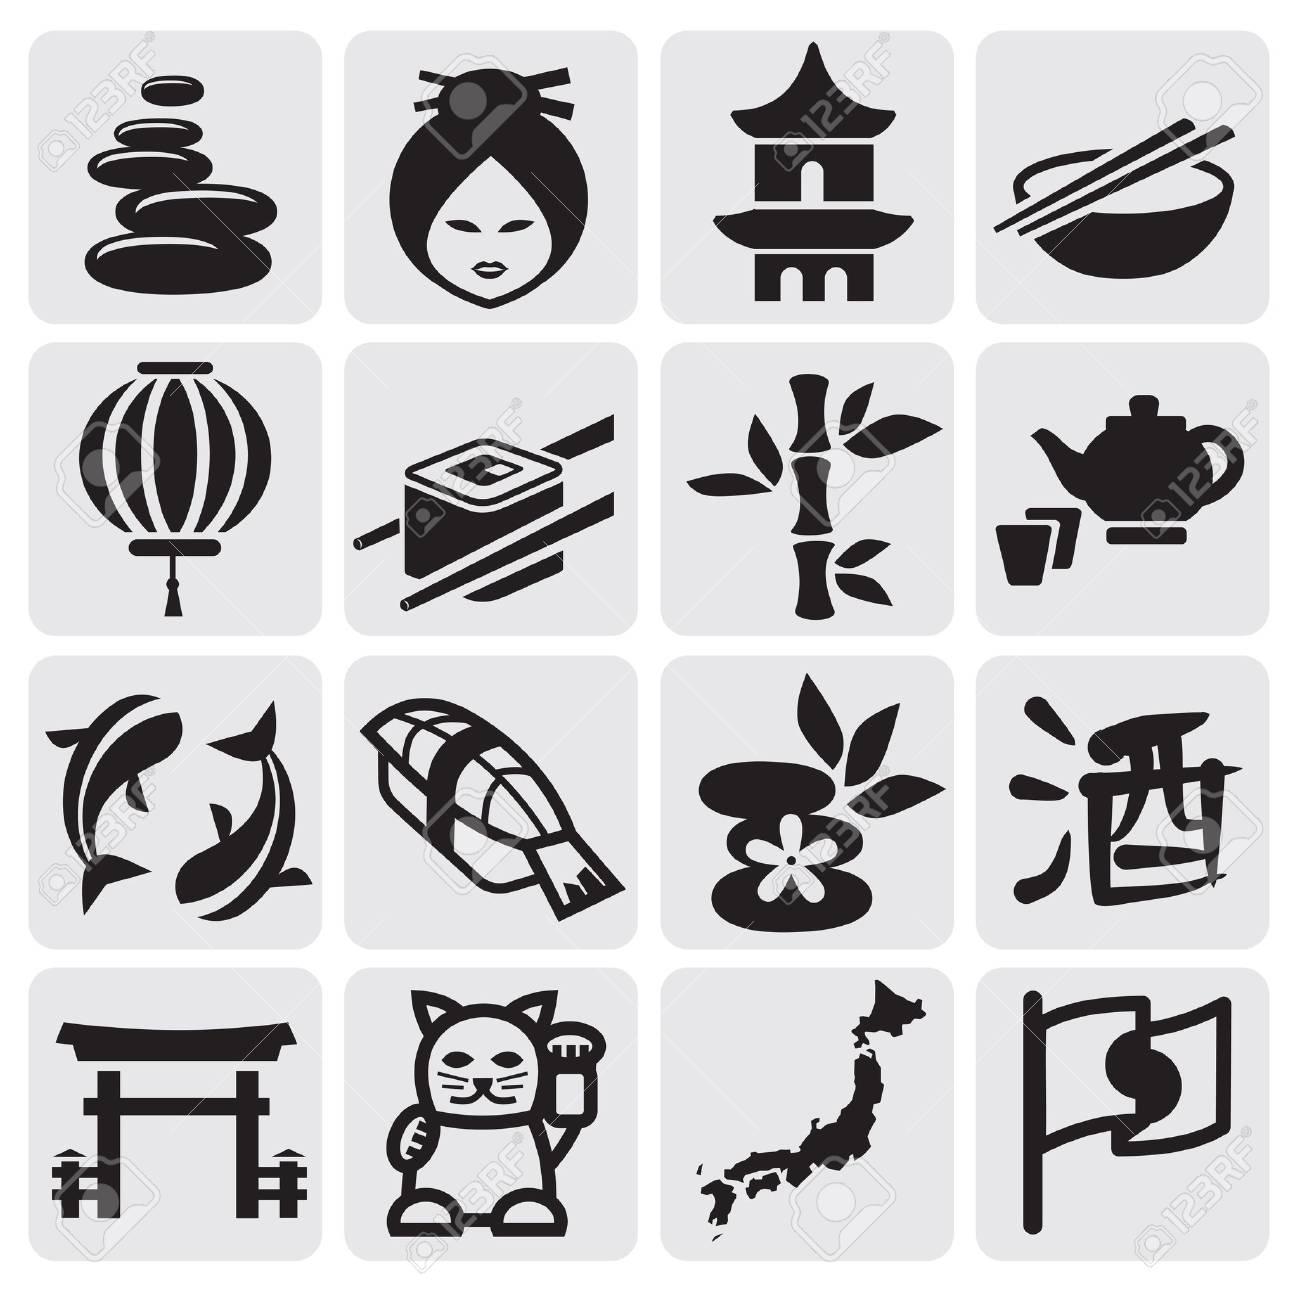 Japanese icon set - 14655251